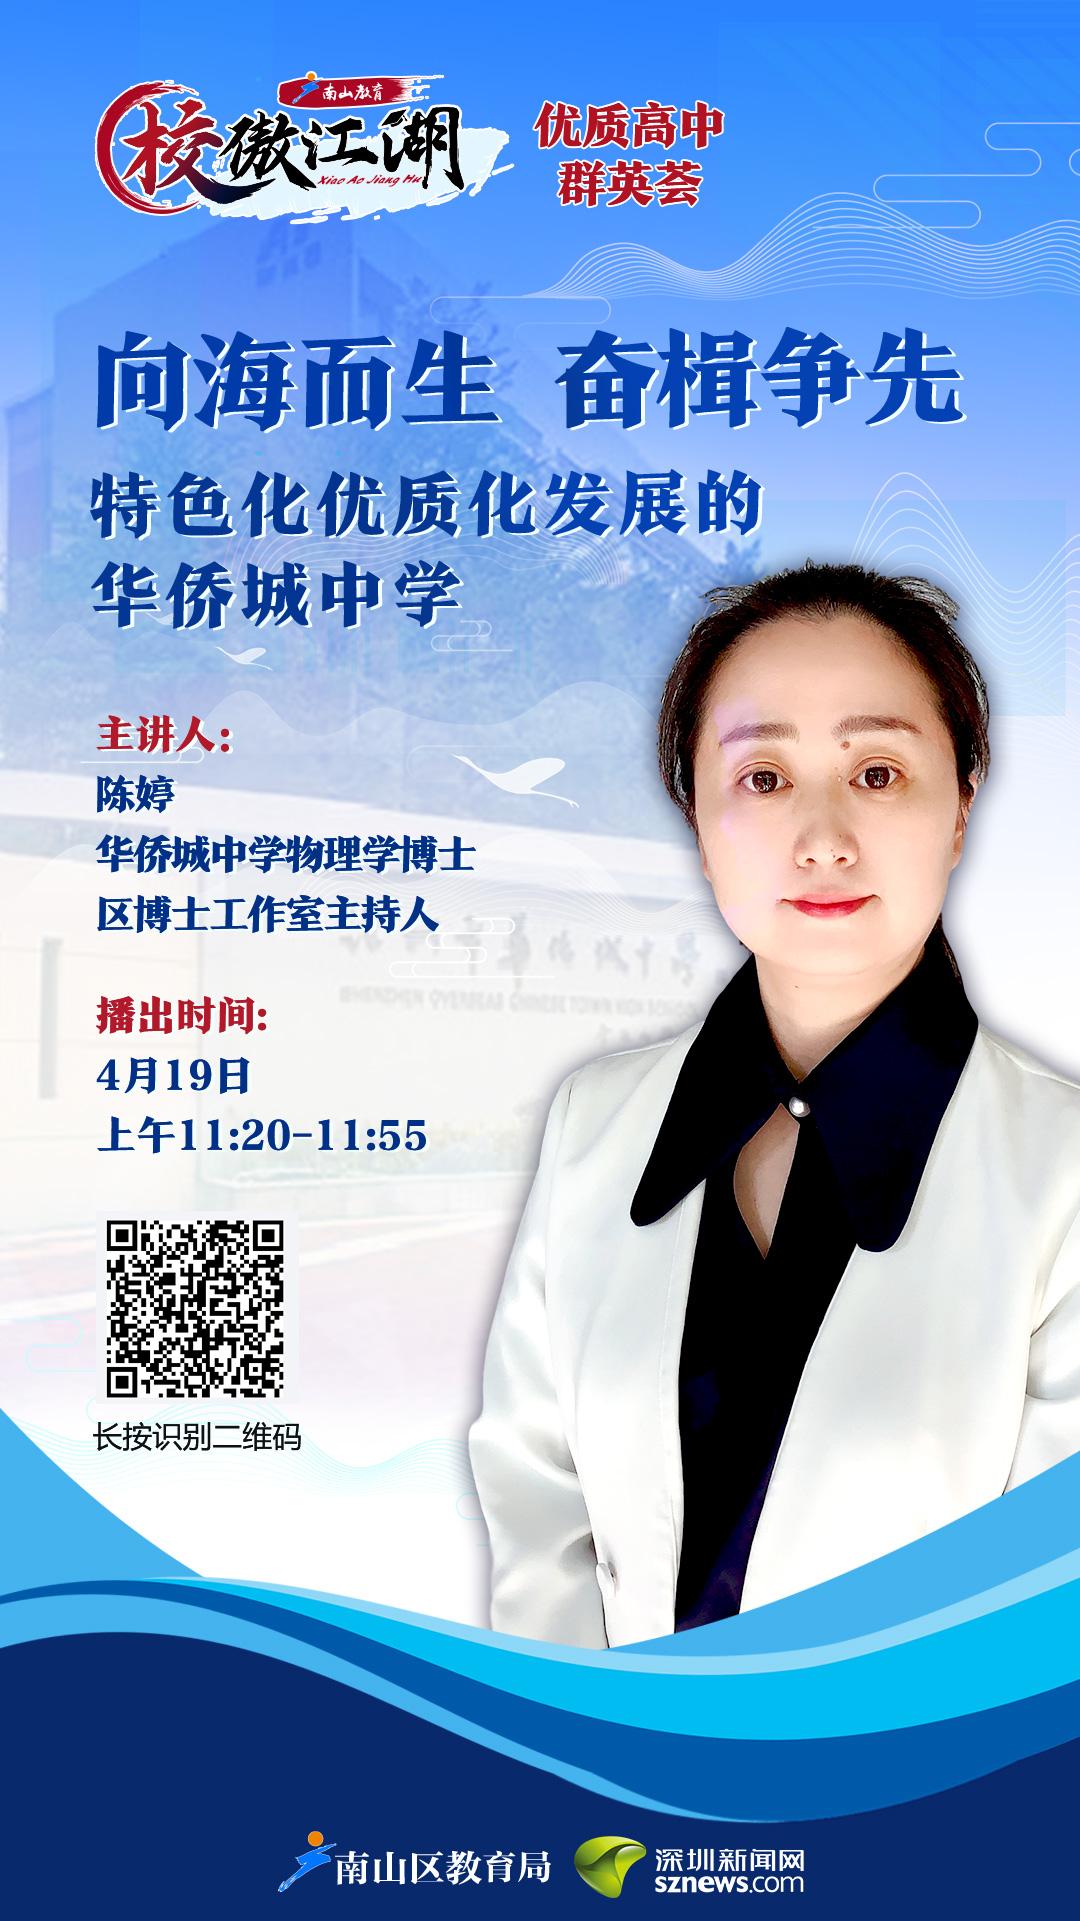 《校傲江湖》重磅出击!华侨城中学物理学博士陈婷为你介绍学校详